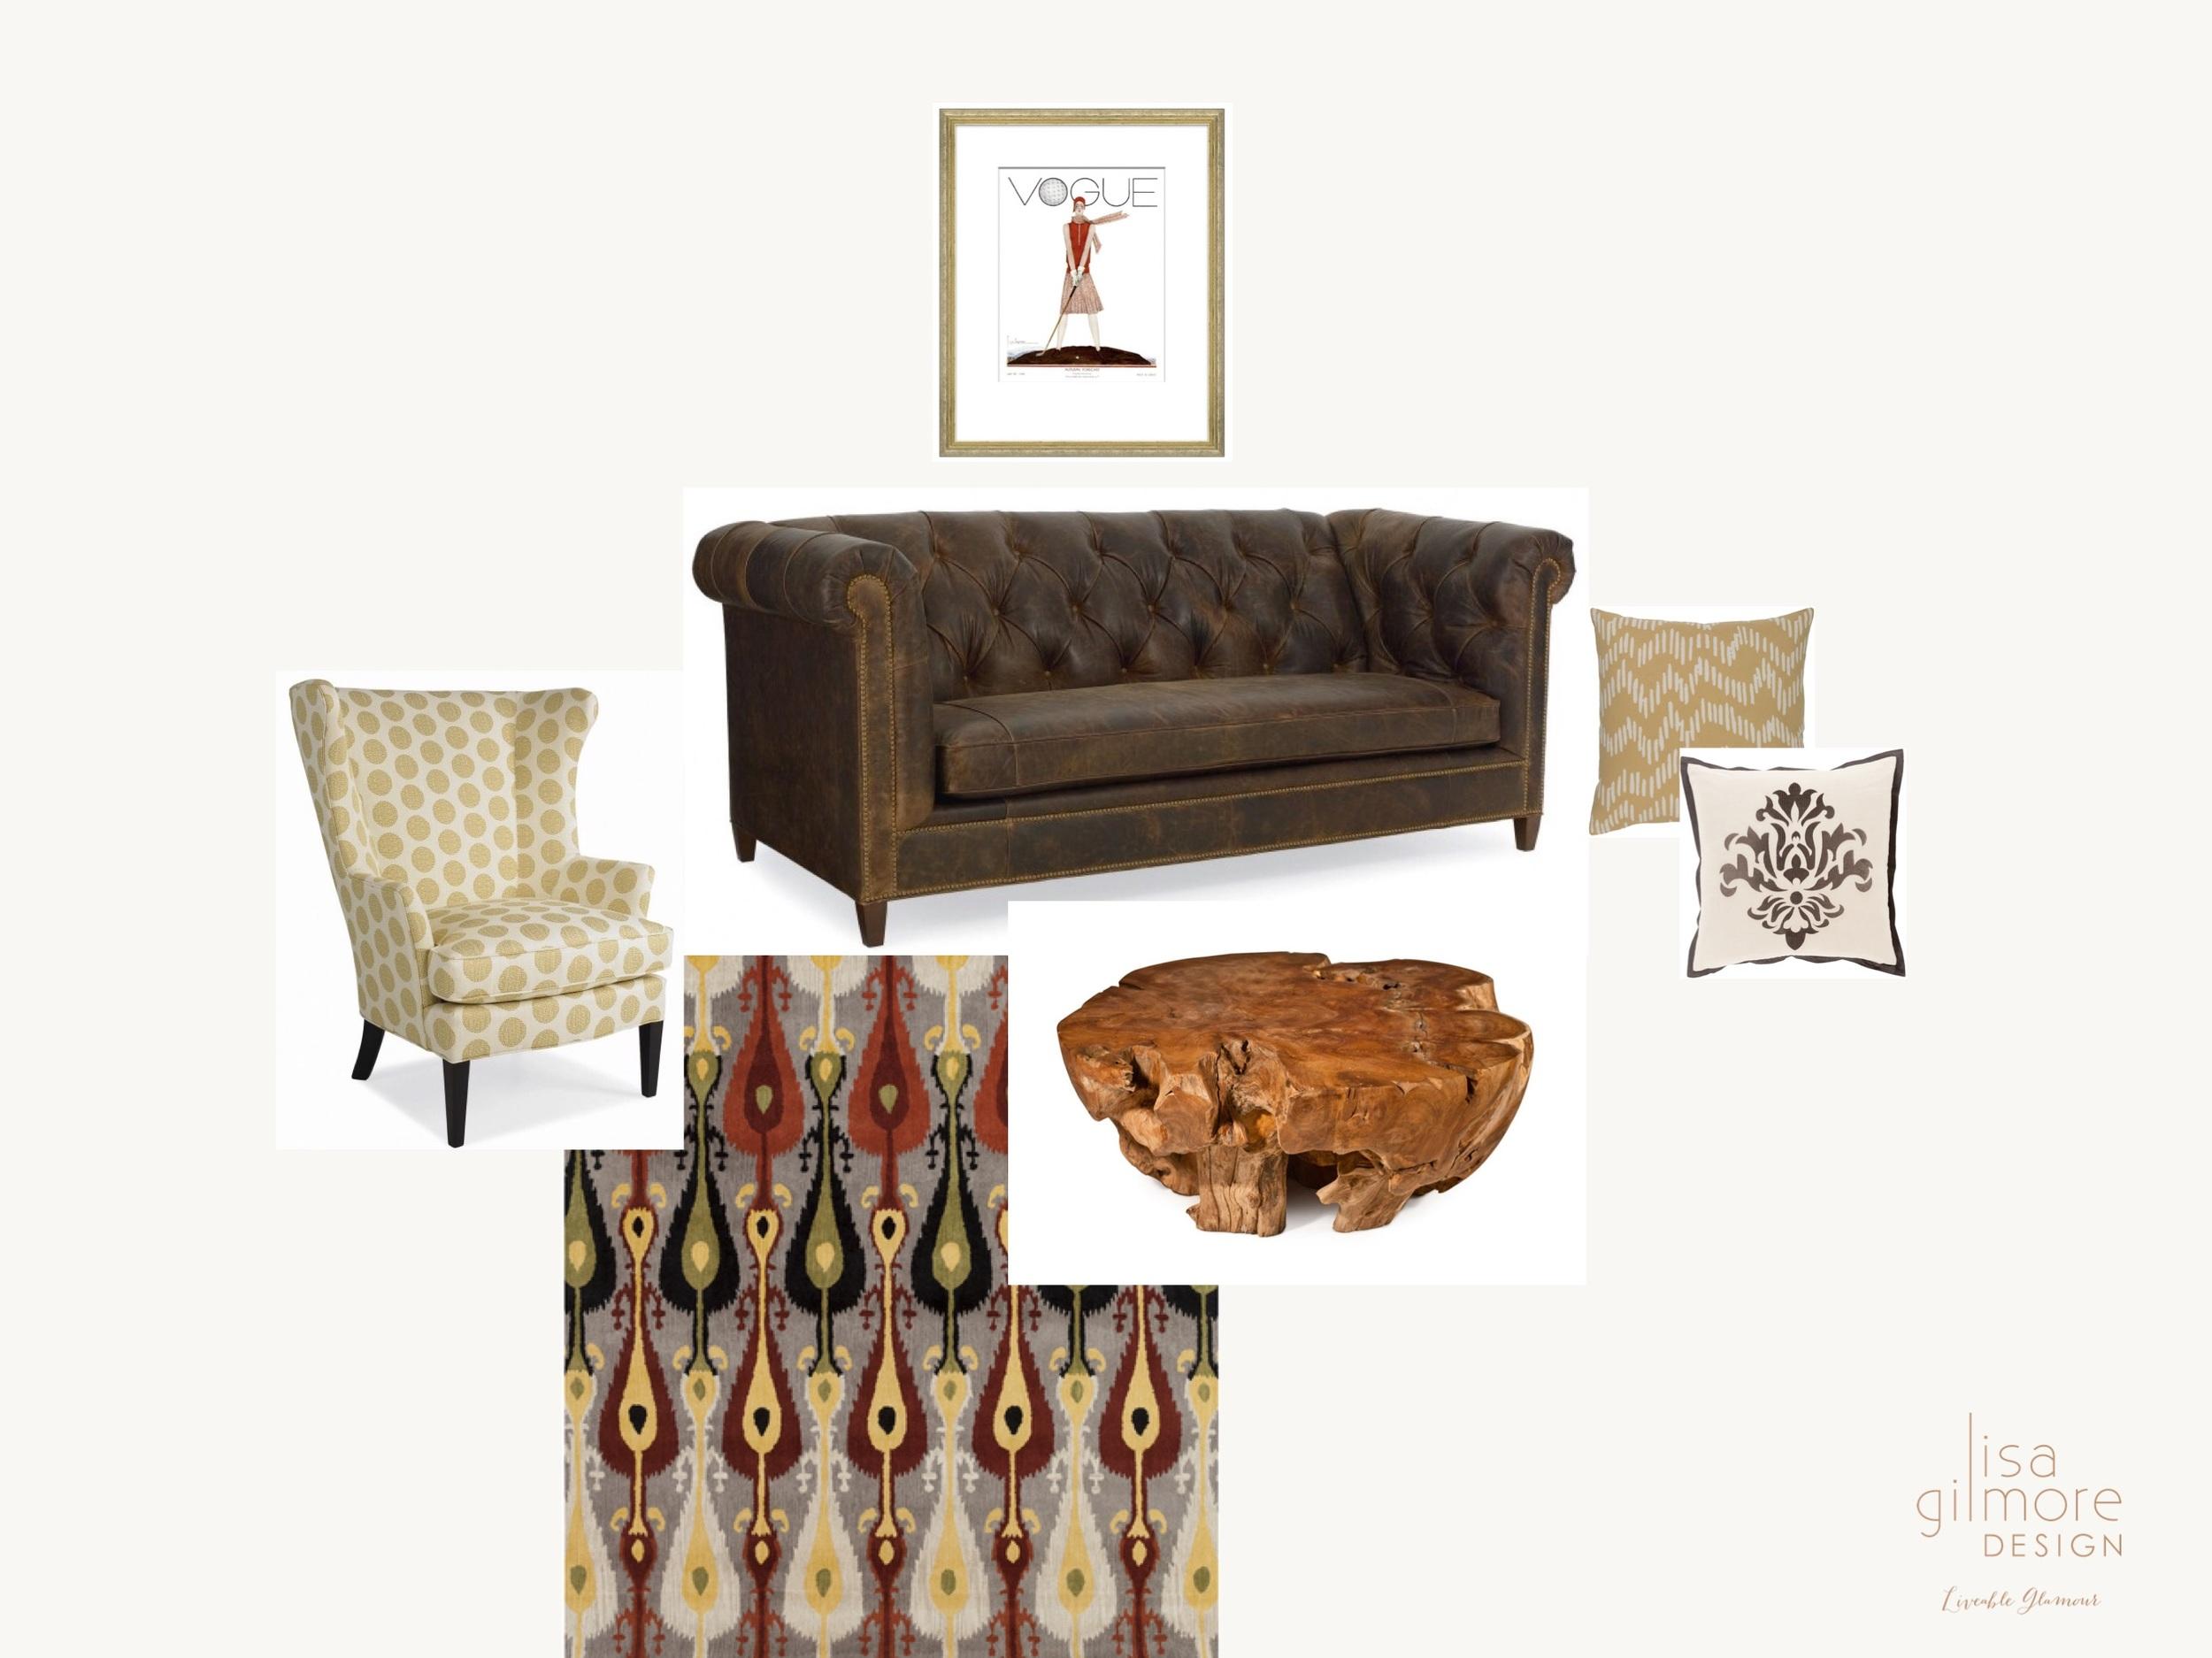 traditionalikatlivingroom.lisagilmoredesign